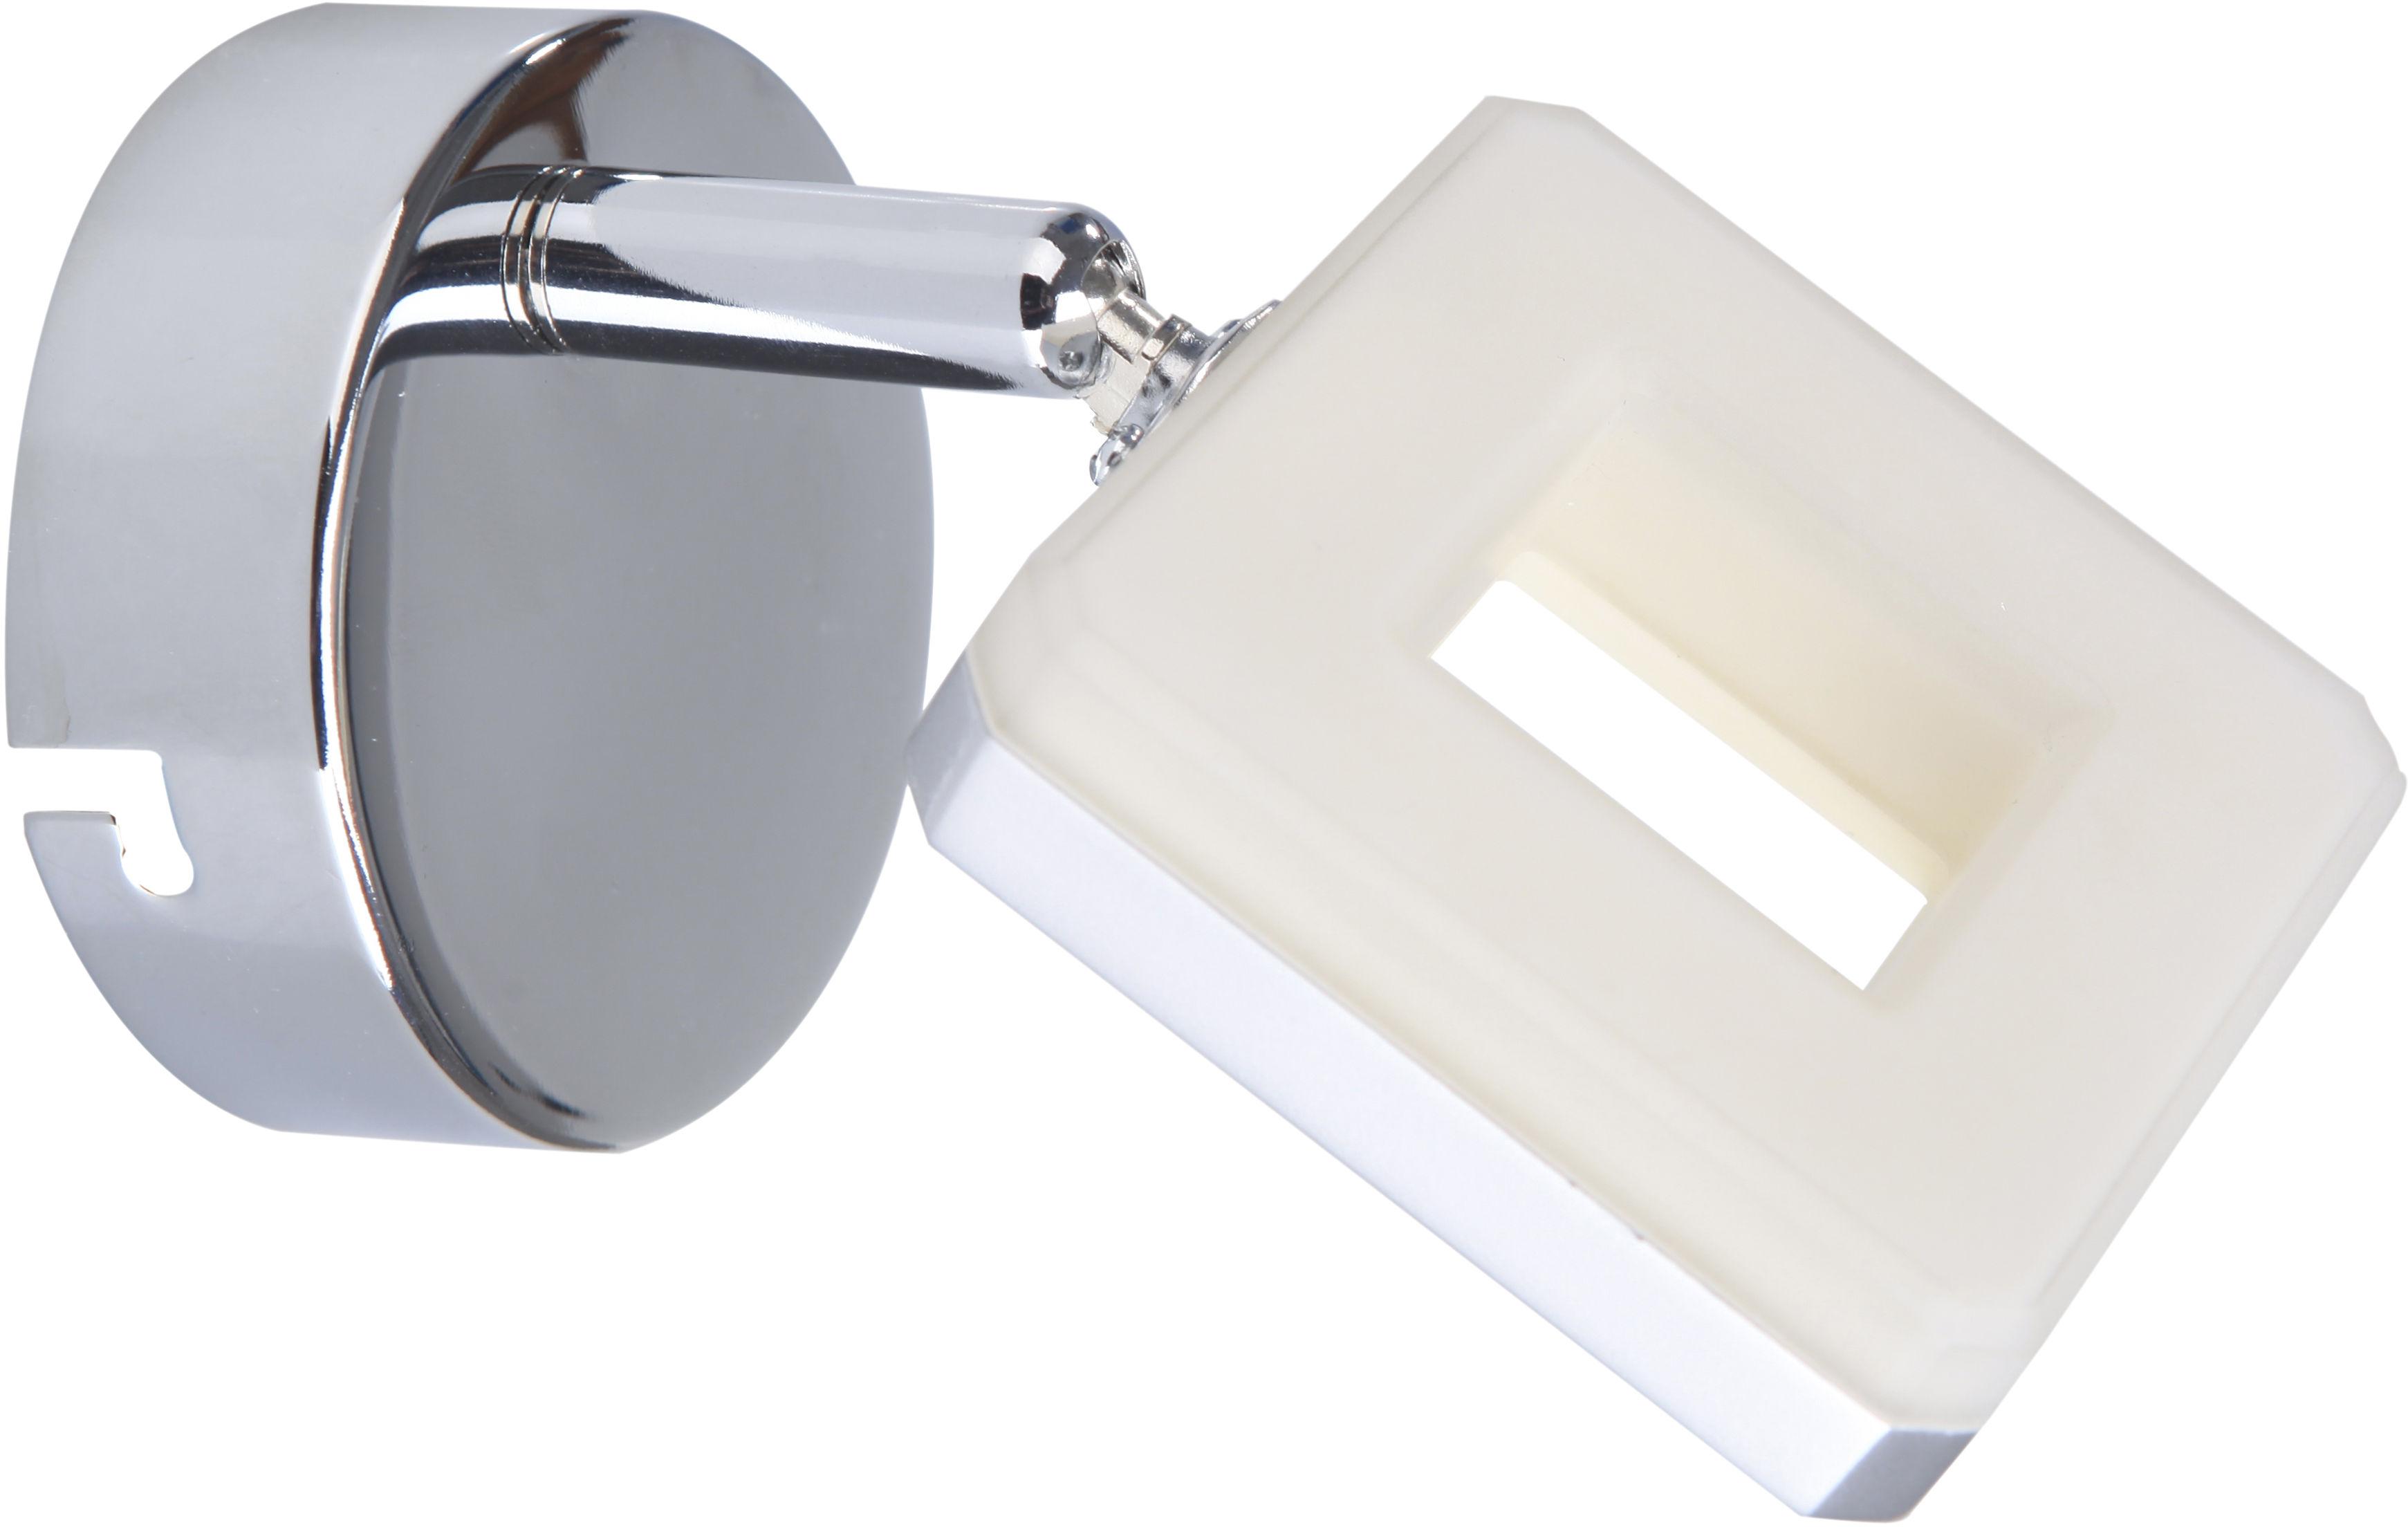 Candellux CYNTHIA 91-60808 kinkiet lampa ścienna chrom 1X5W LED 8cm